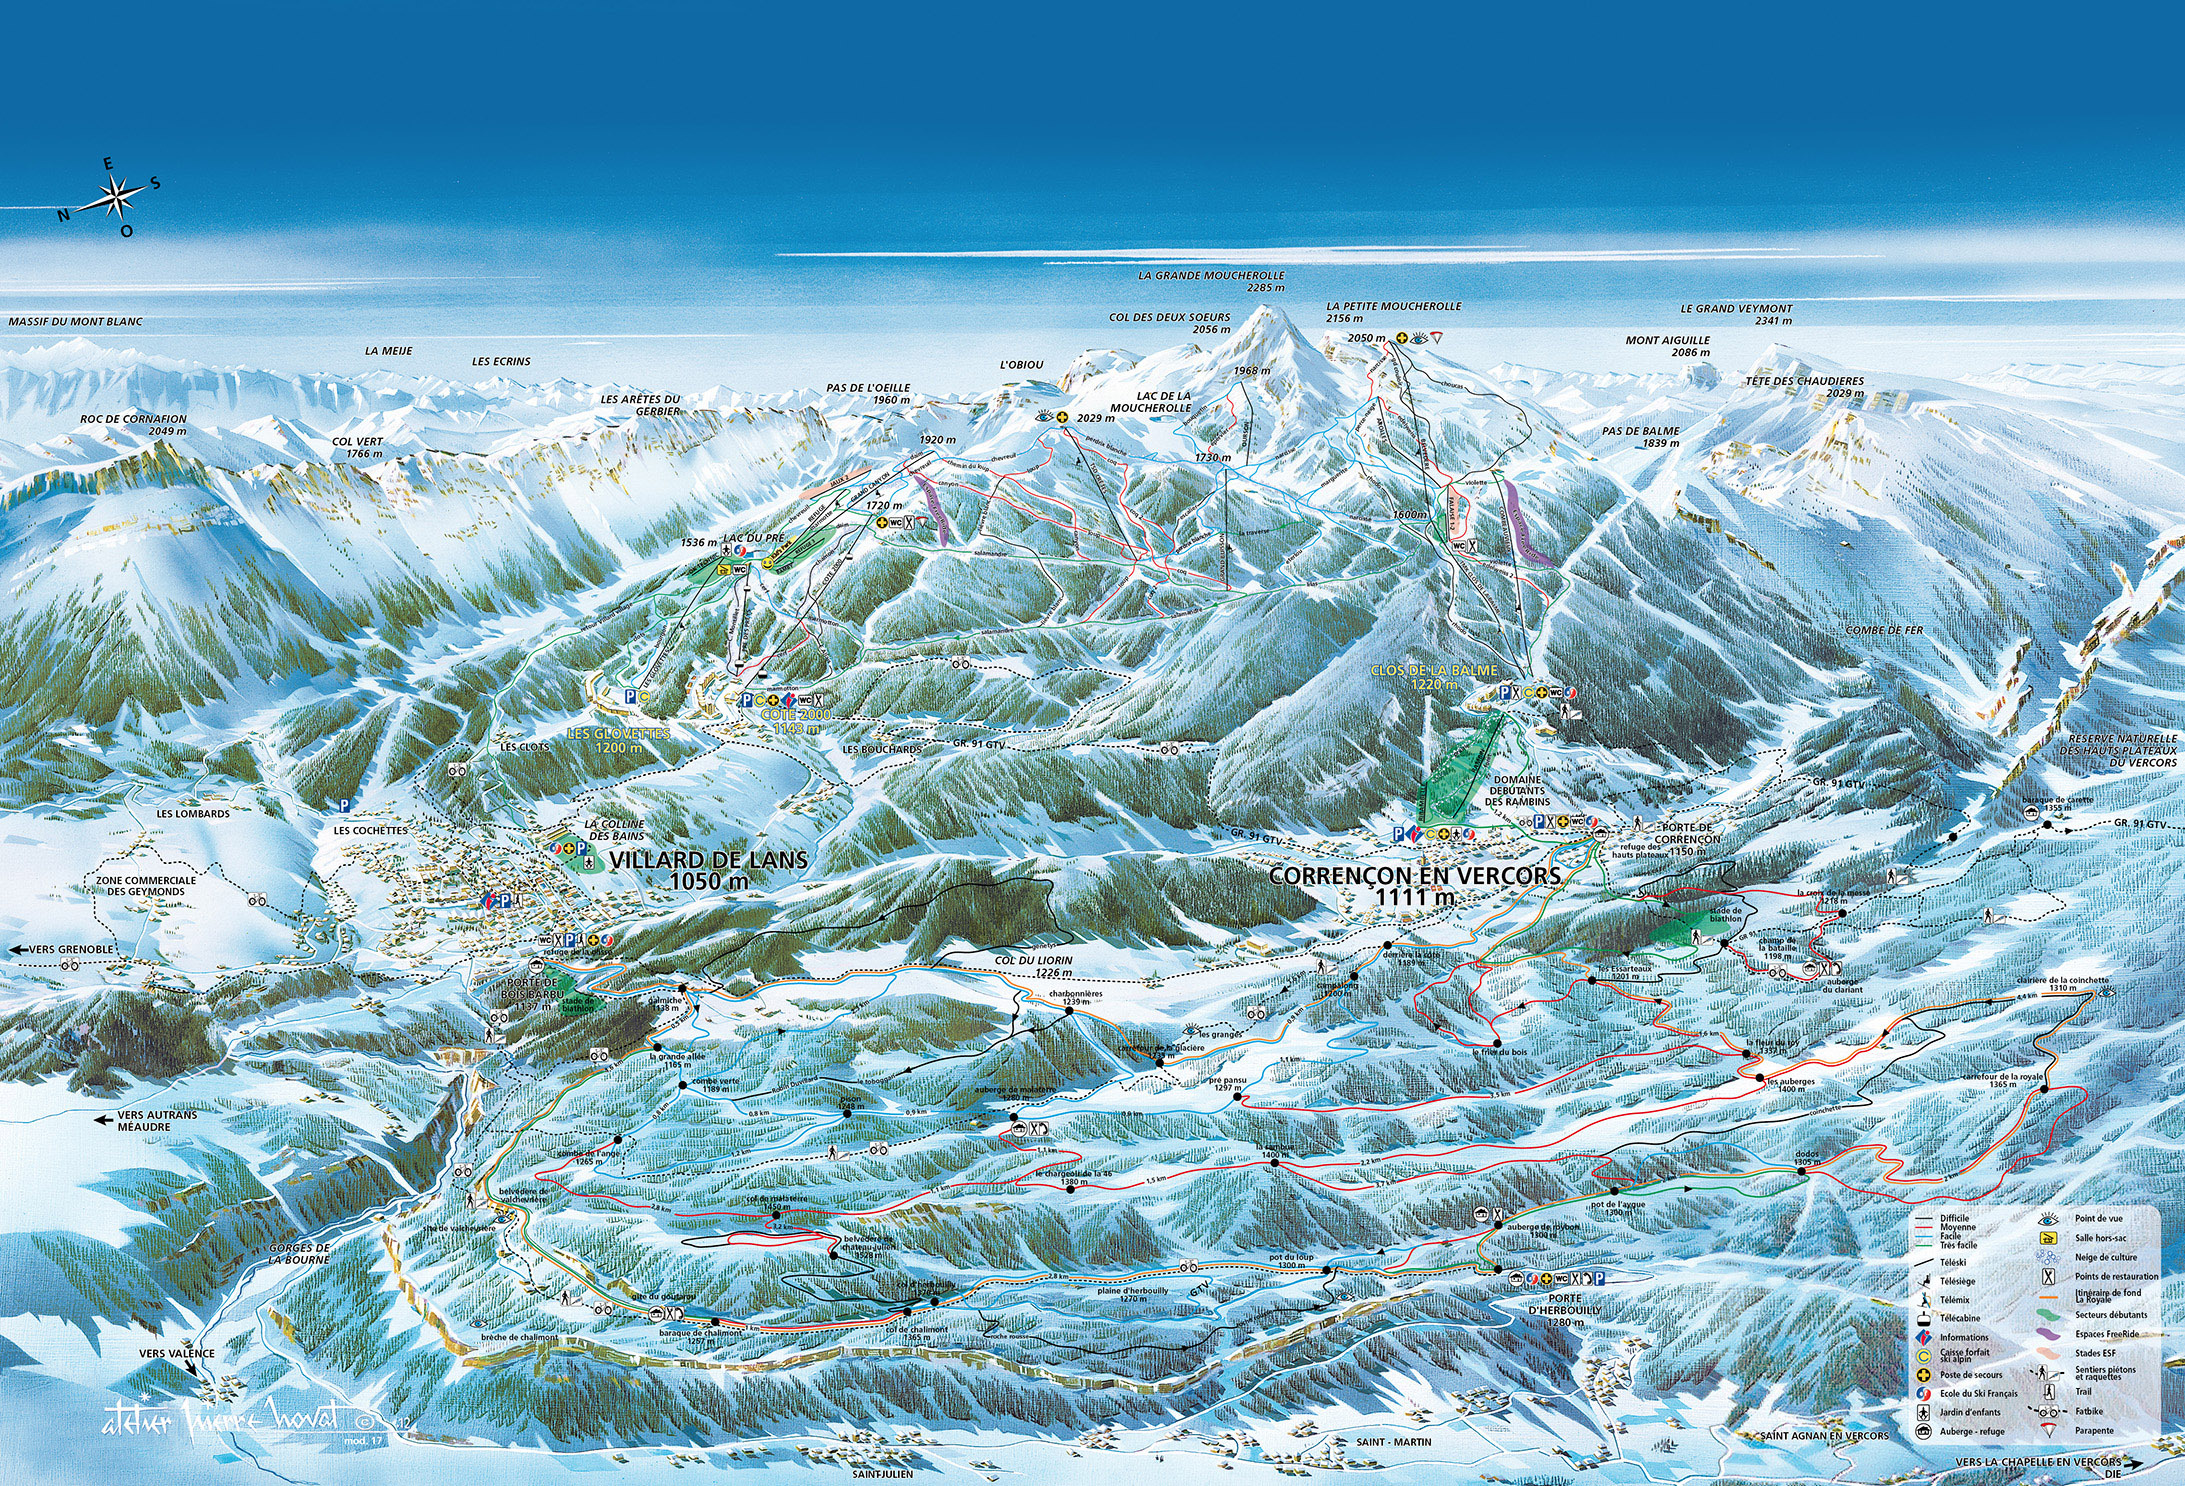 Guide de station de ski de villard de lans carte - Office de tourisme de villard de lans ...